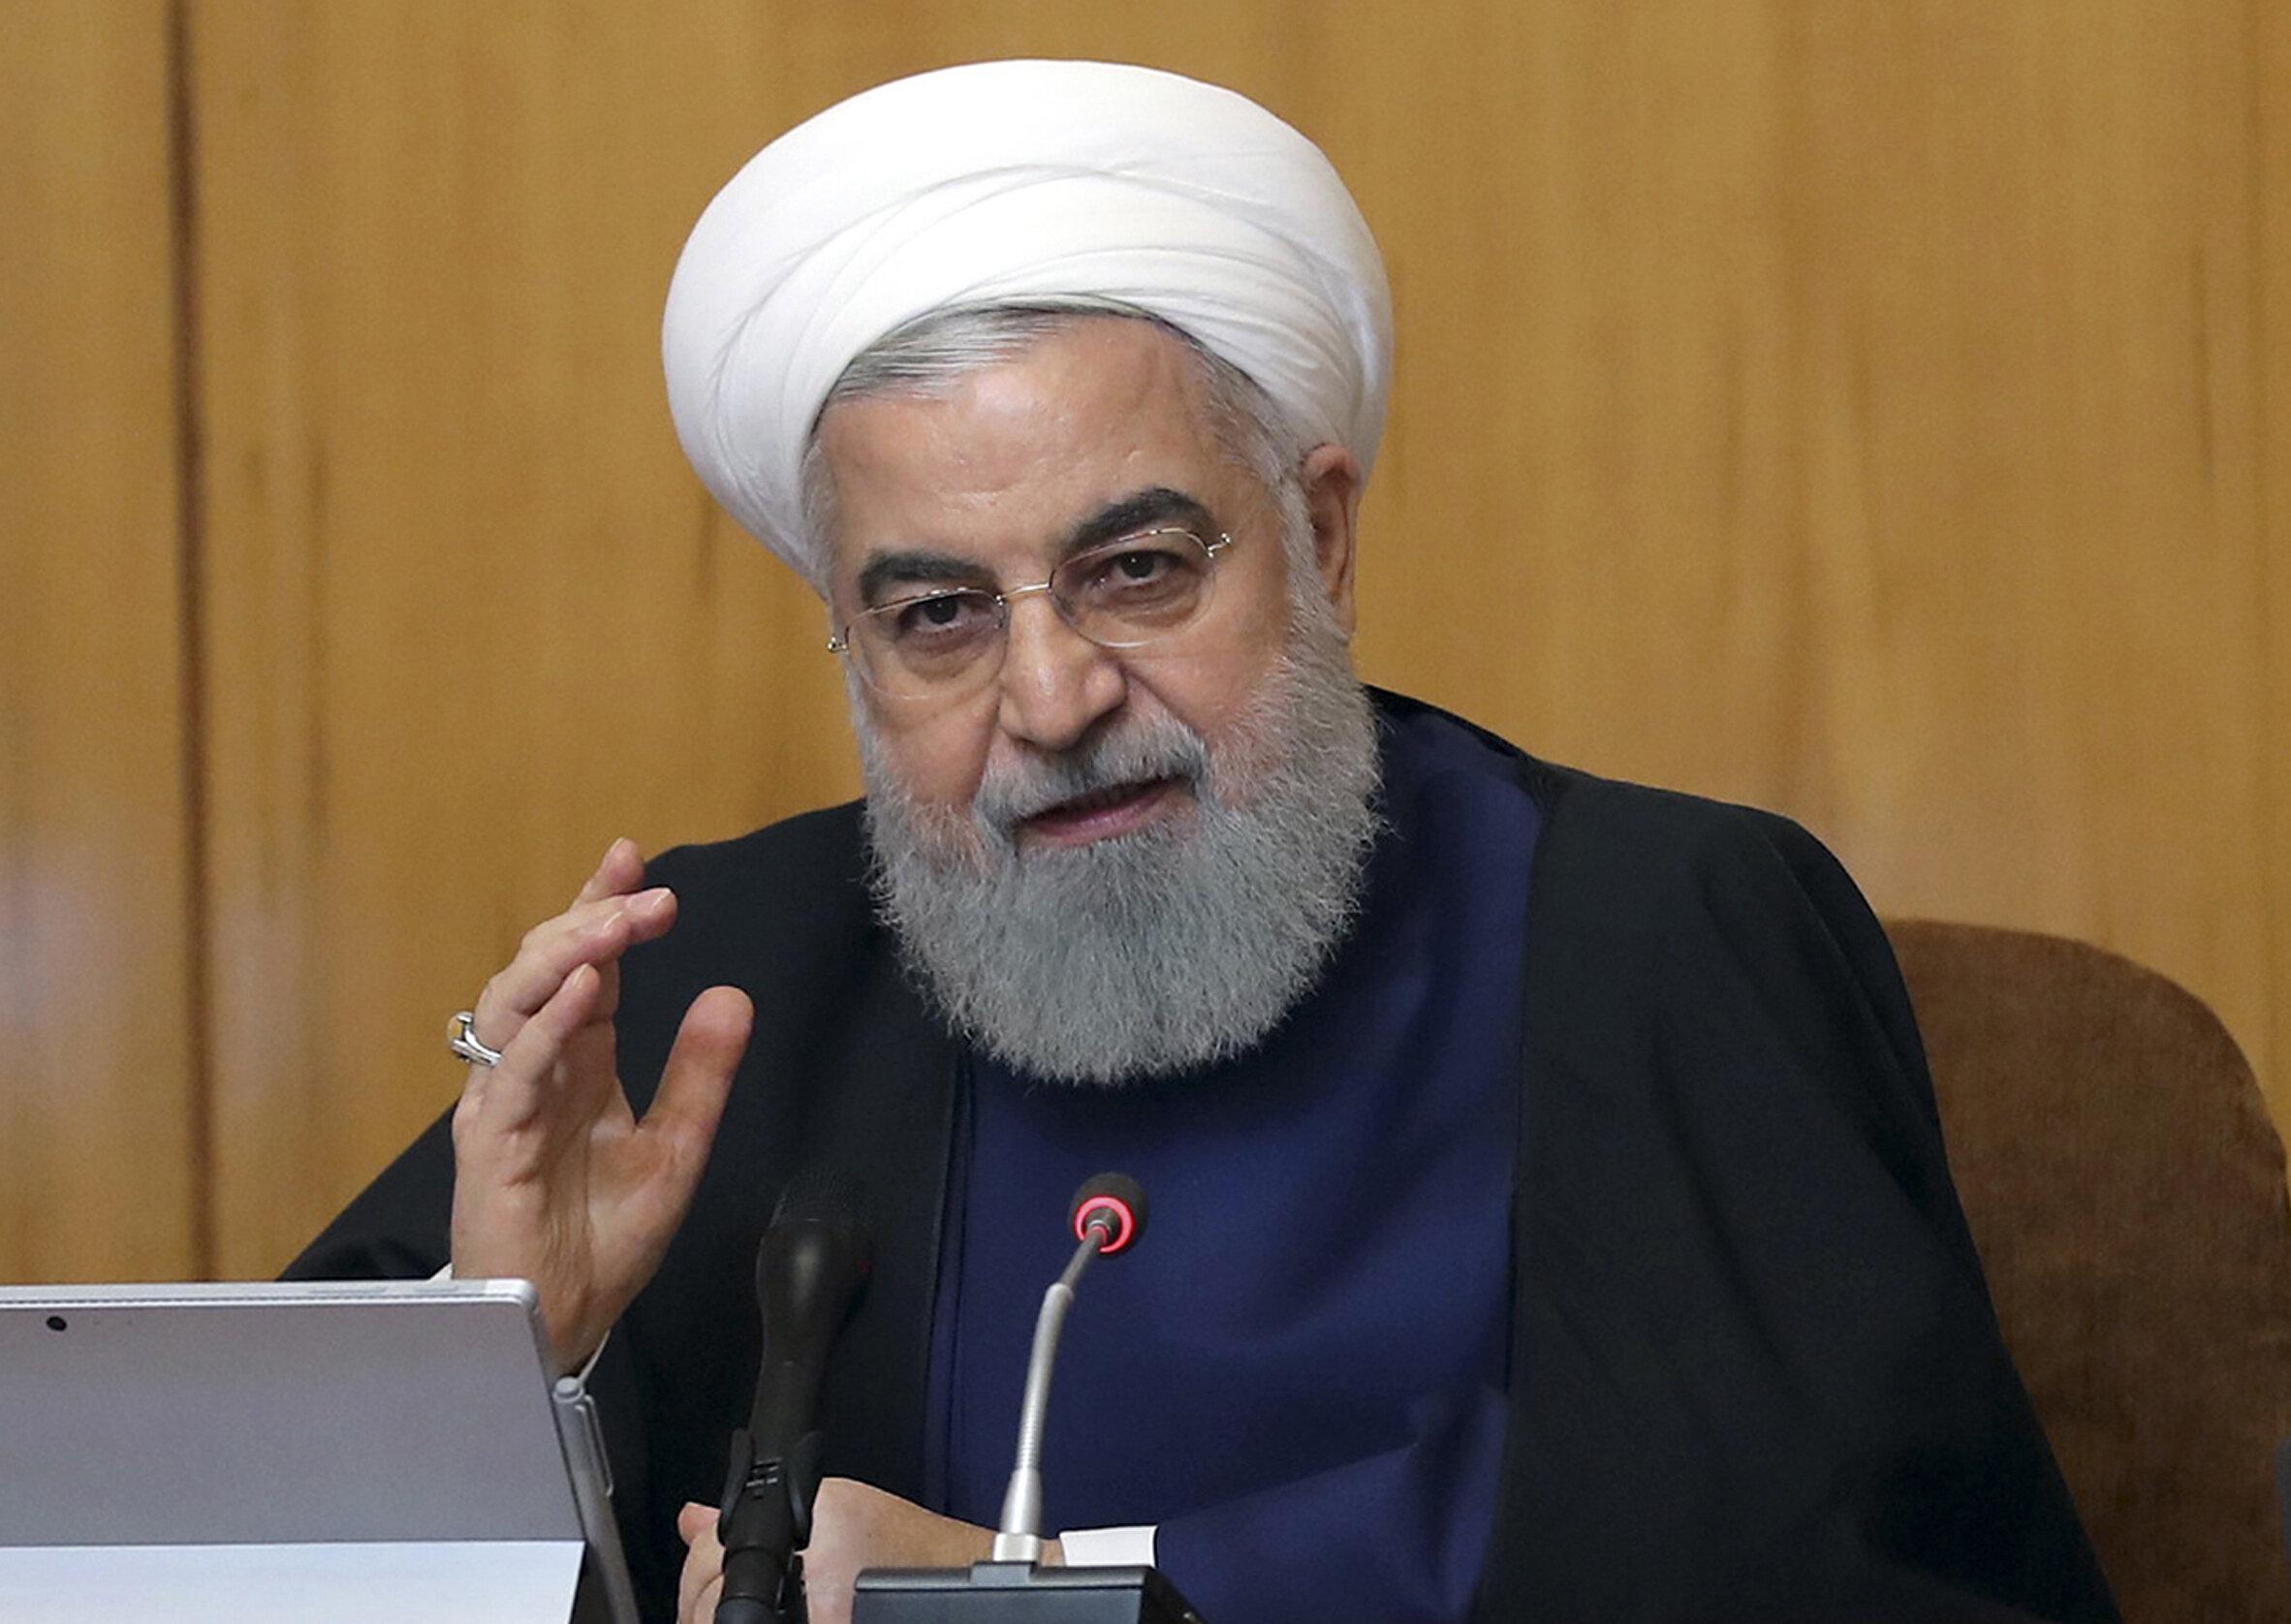 L'Iran nella tempesta, la porta aperta della diplomazia e i doveri